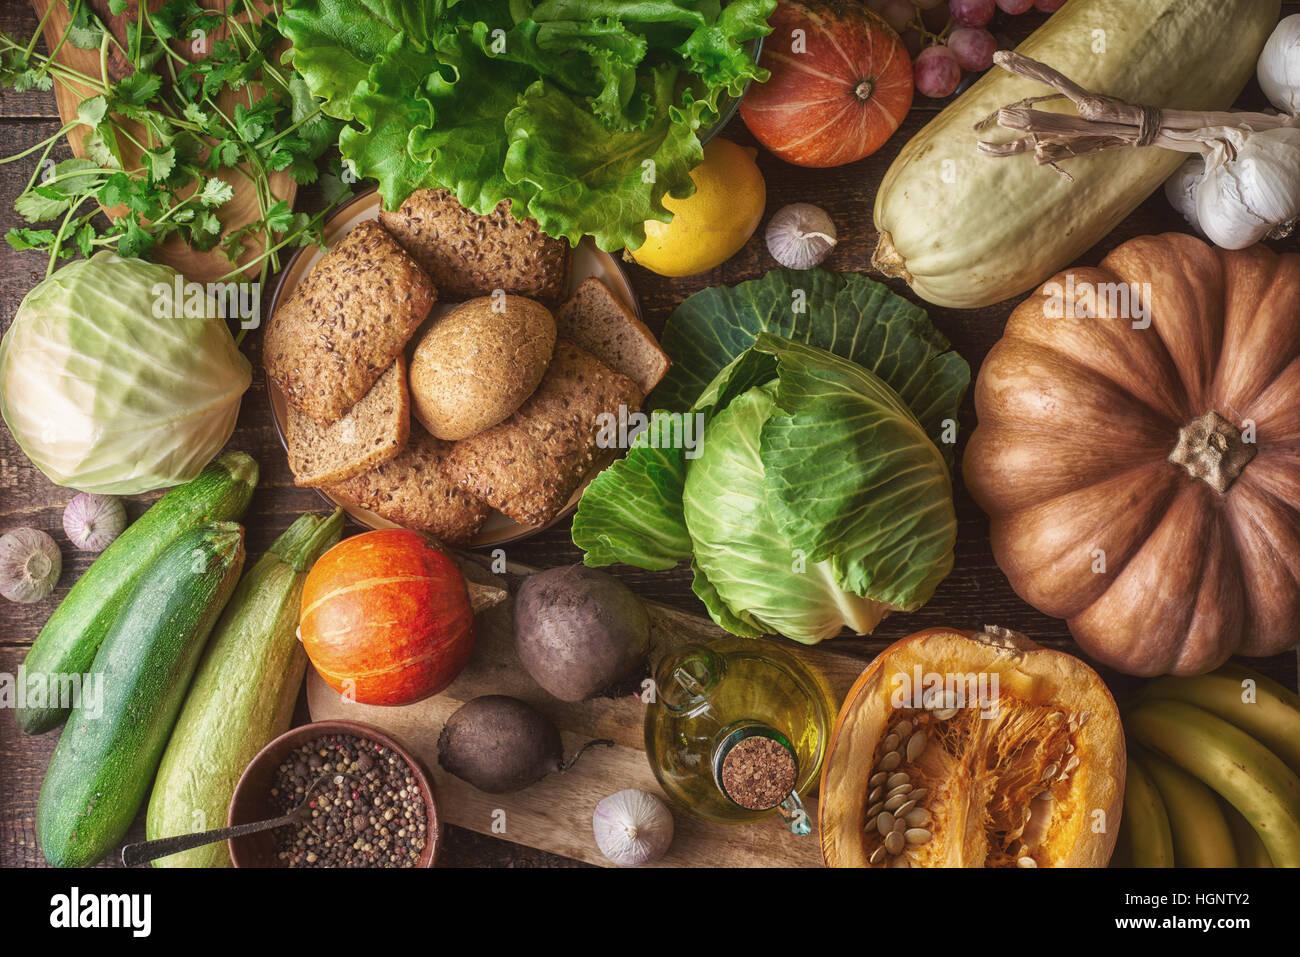 Un pain de grains avec différents légumes sur la table en bois Vue de dessus. Concept de l'alimentation Photo Stock